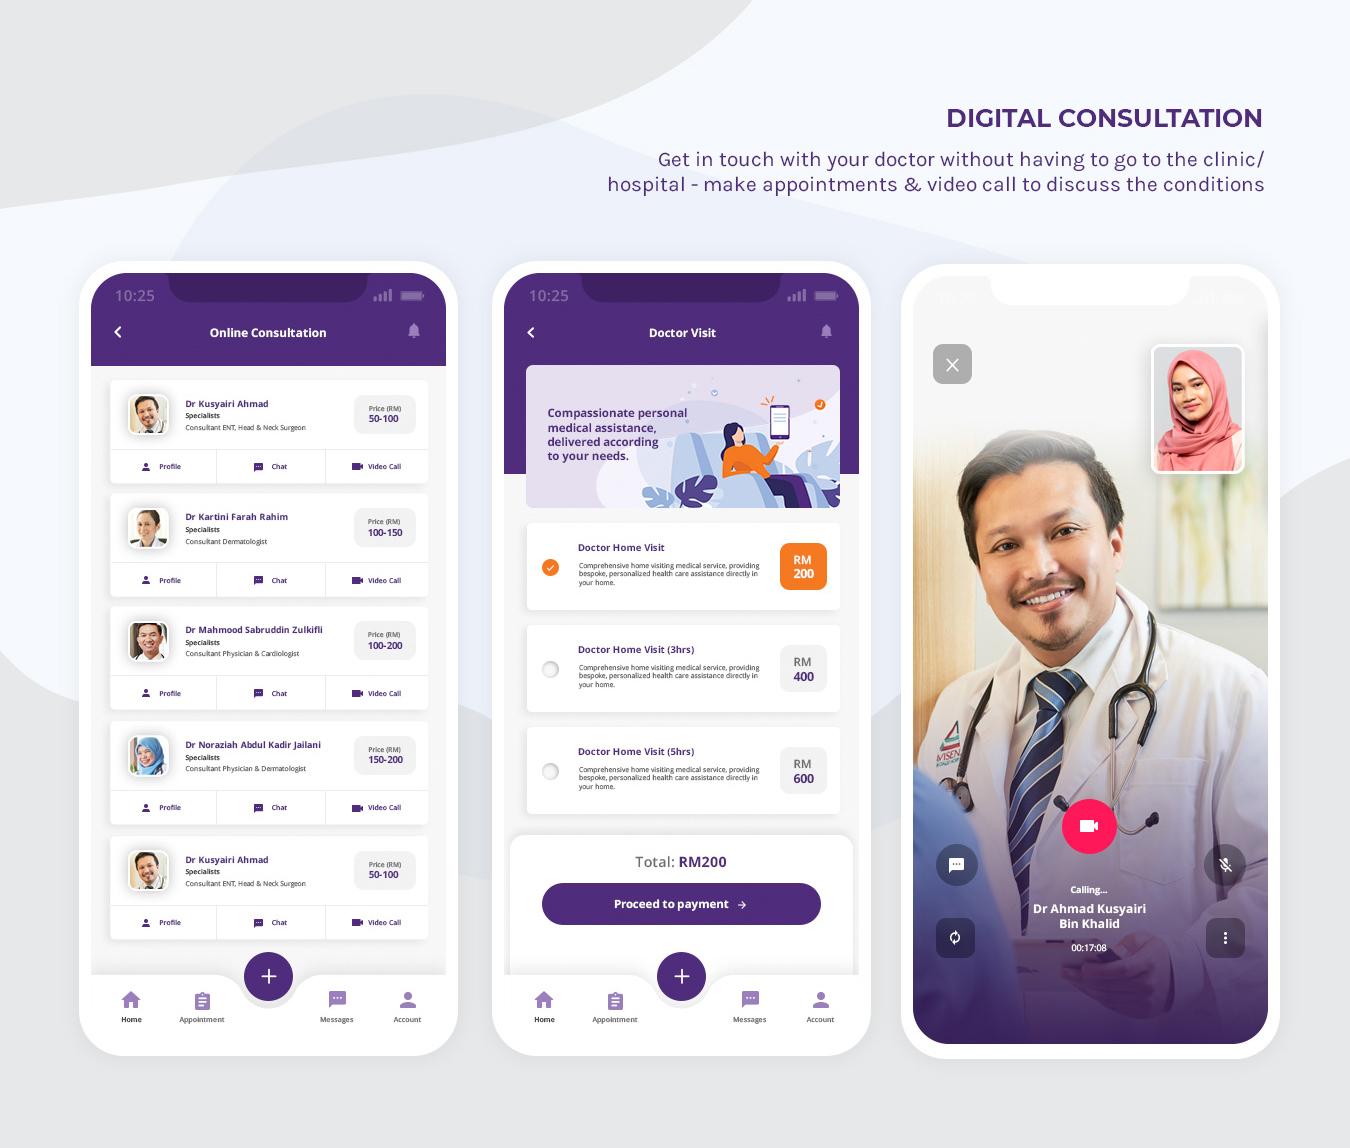 TrueCare2U - Mobile Application - Digital Consultation